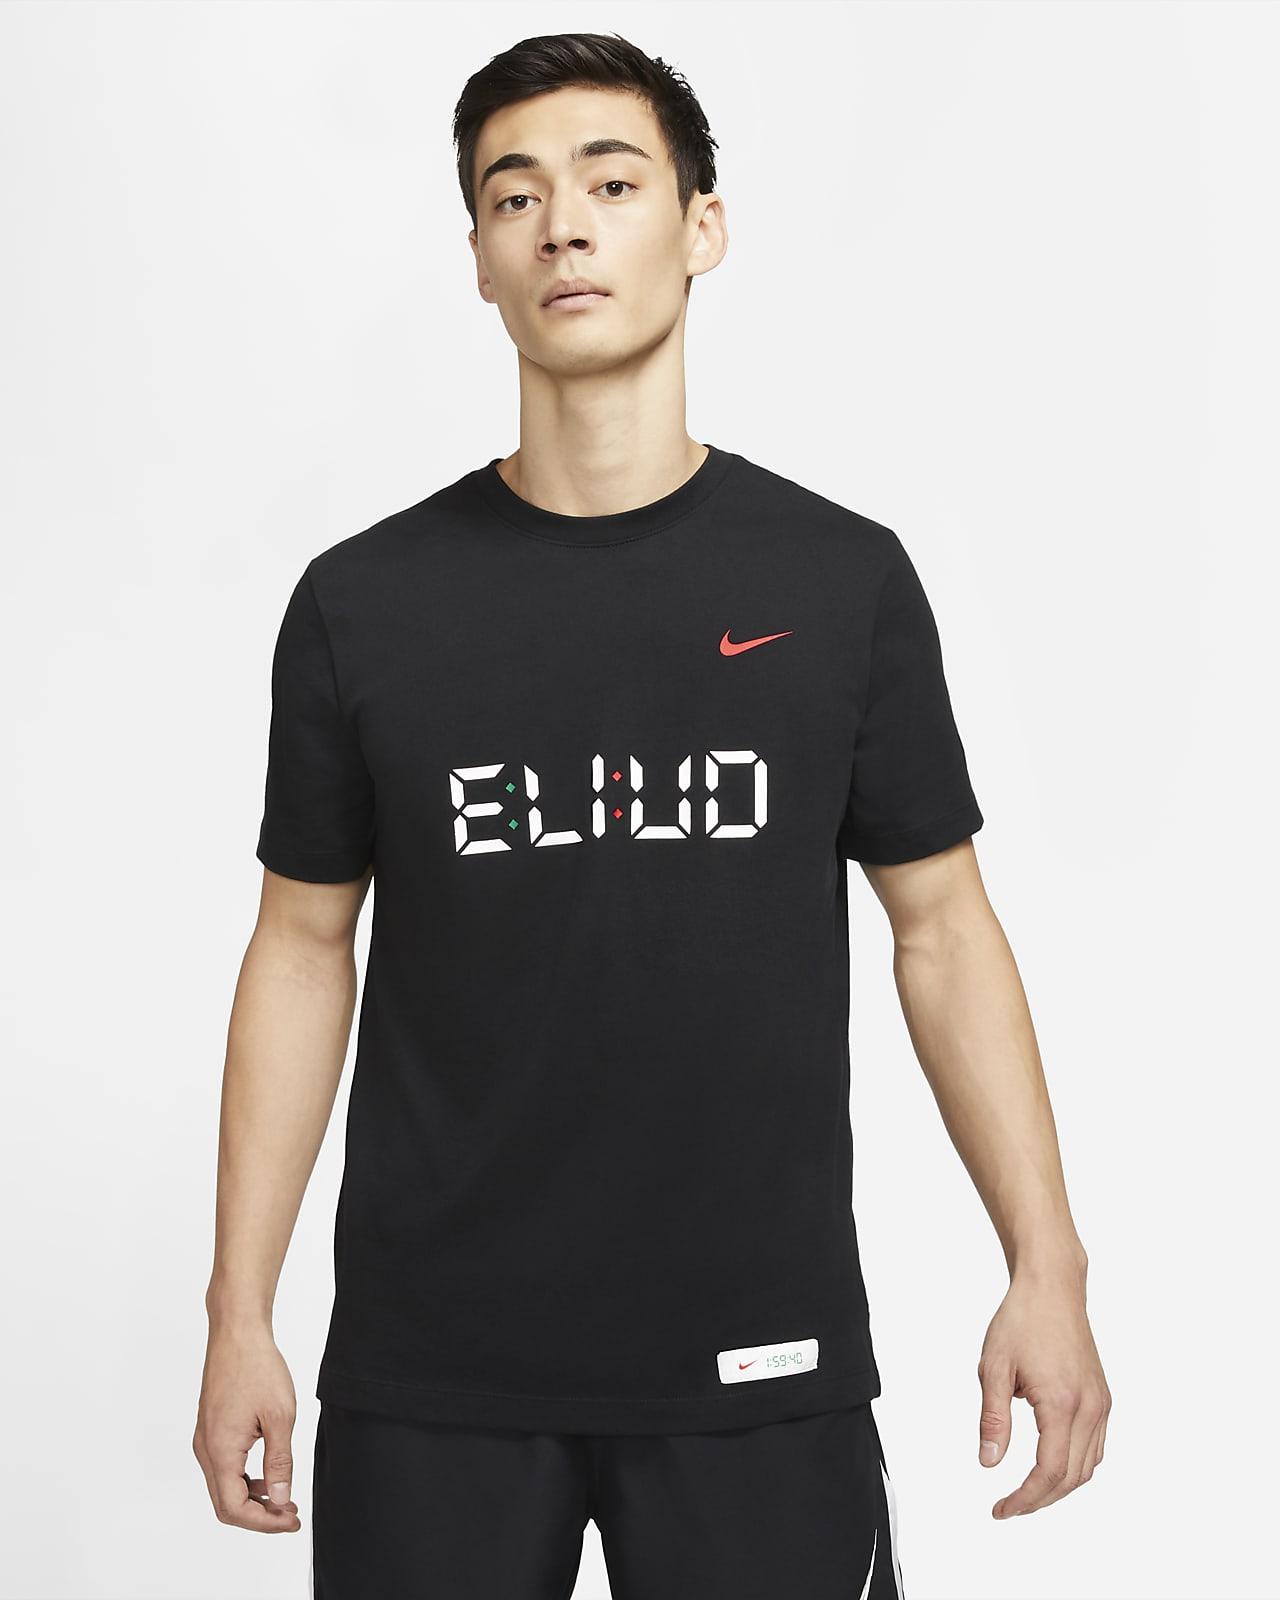 Nike Dri-FIT Eliud Running T-Shirt